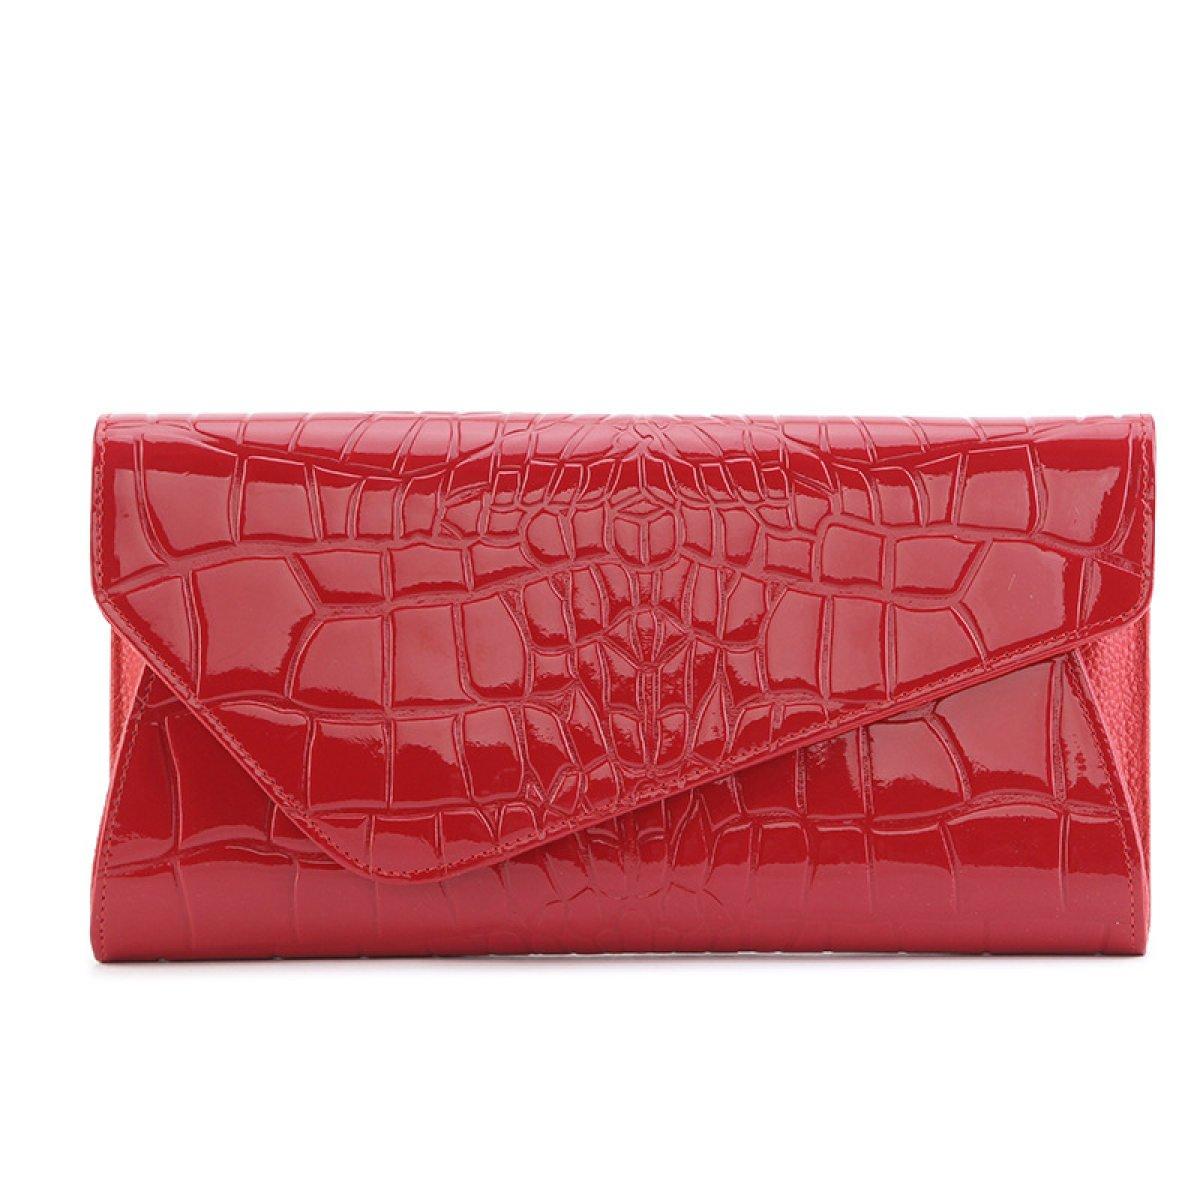 DUYANGANG Mode Damen Leder Umschläge Umschläge Umschläge Tasche Clutch Abend Umhängetasche B074DSFVDM Henkeltaschen Geschäft 09e99a